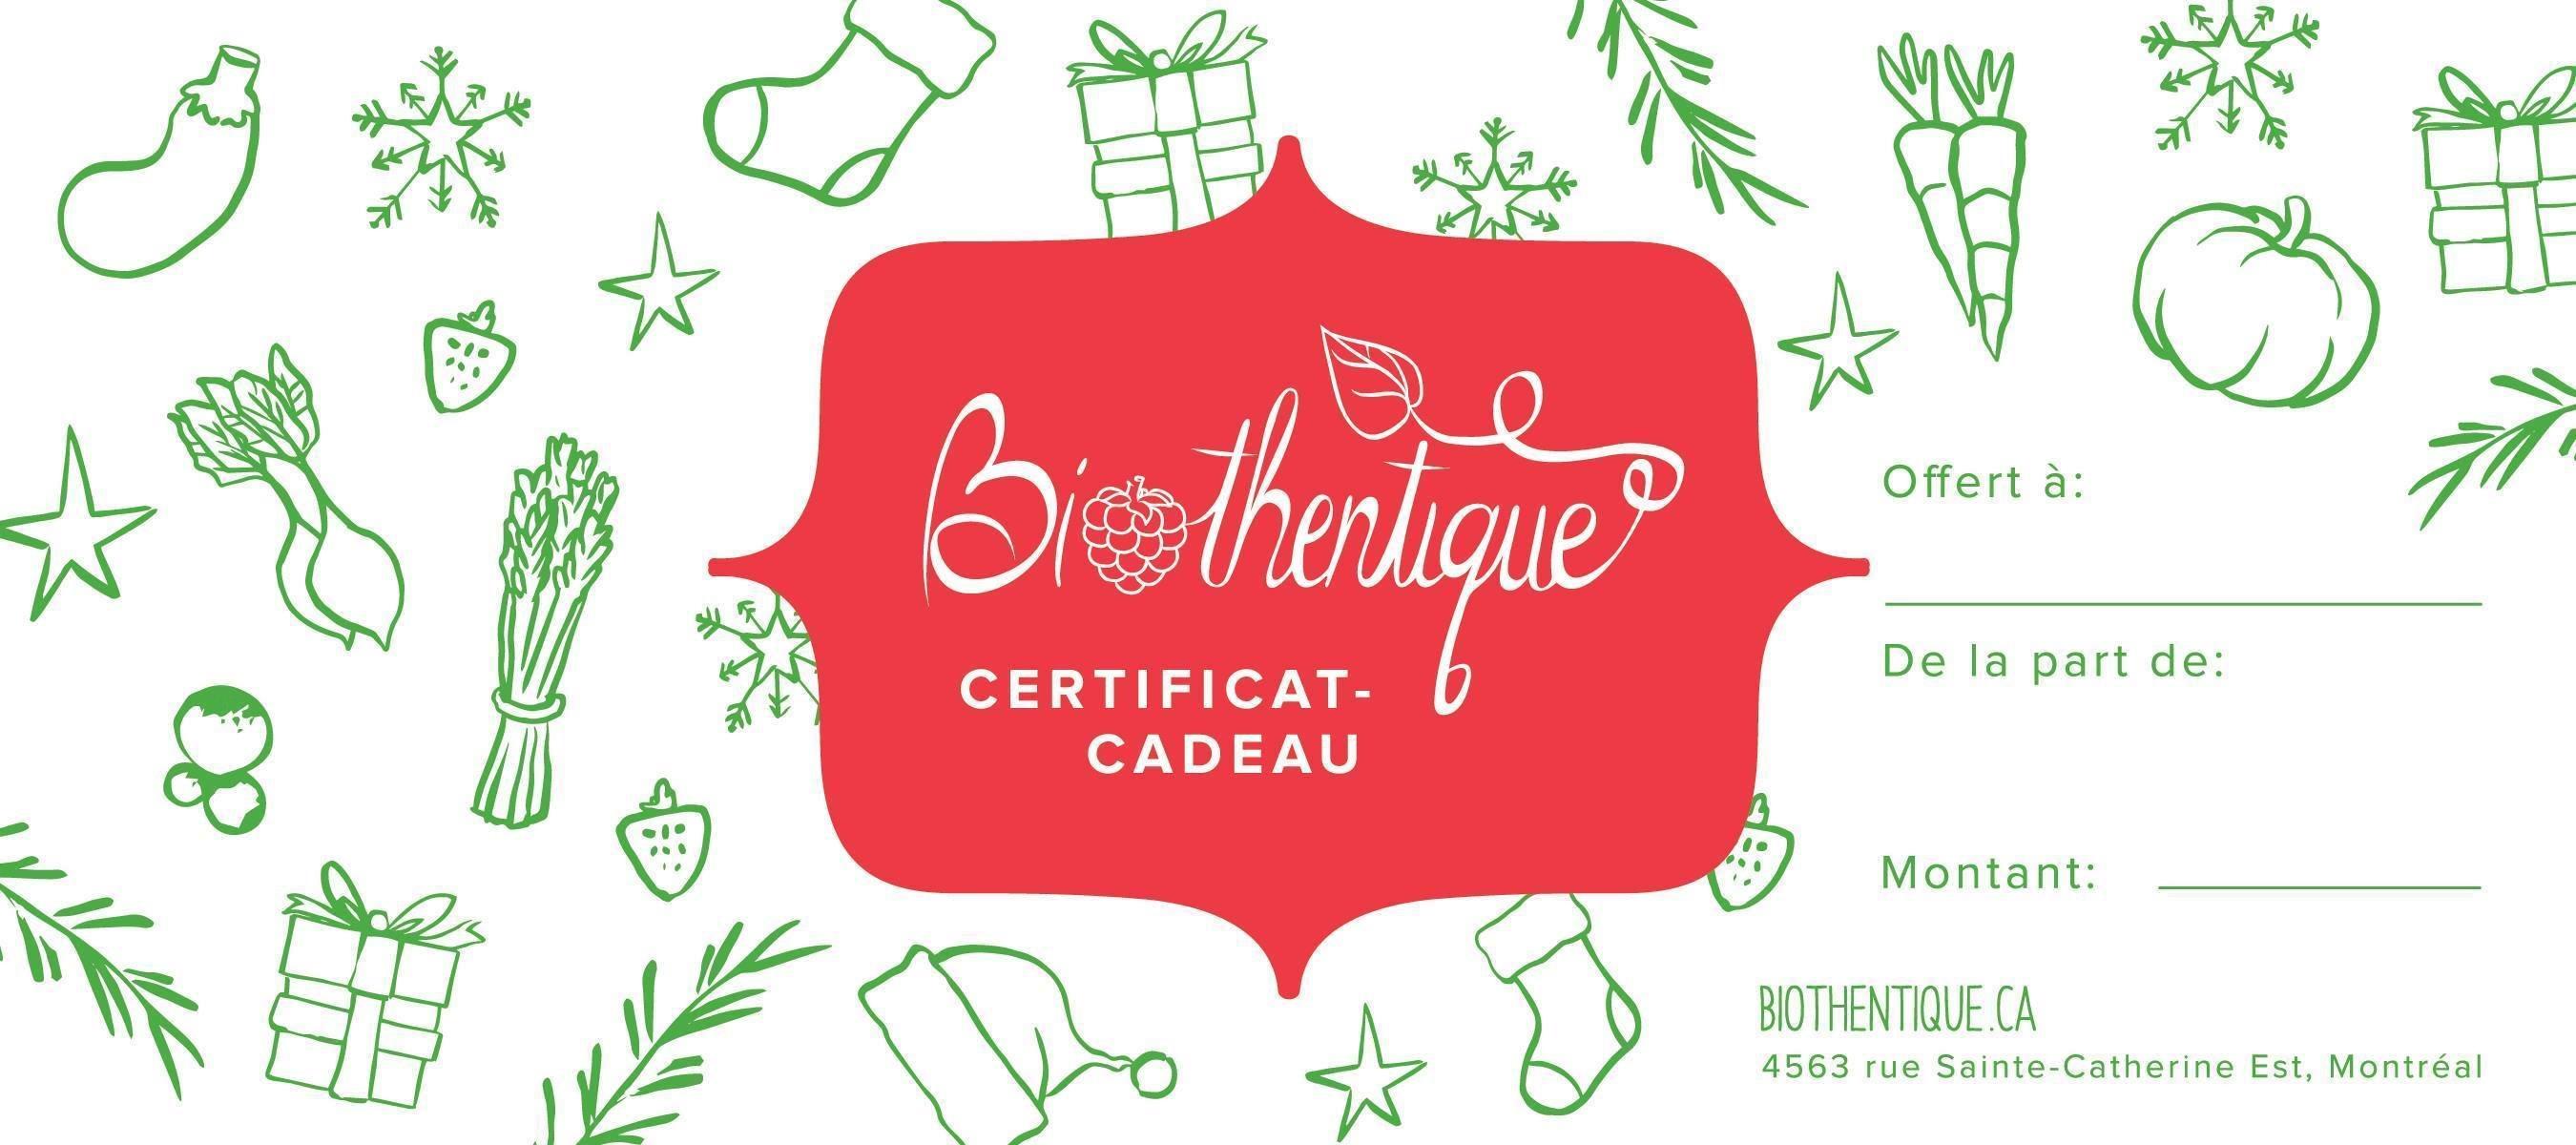 Biothentique - Certificat cadeau 23004